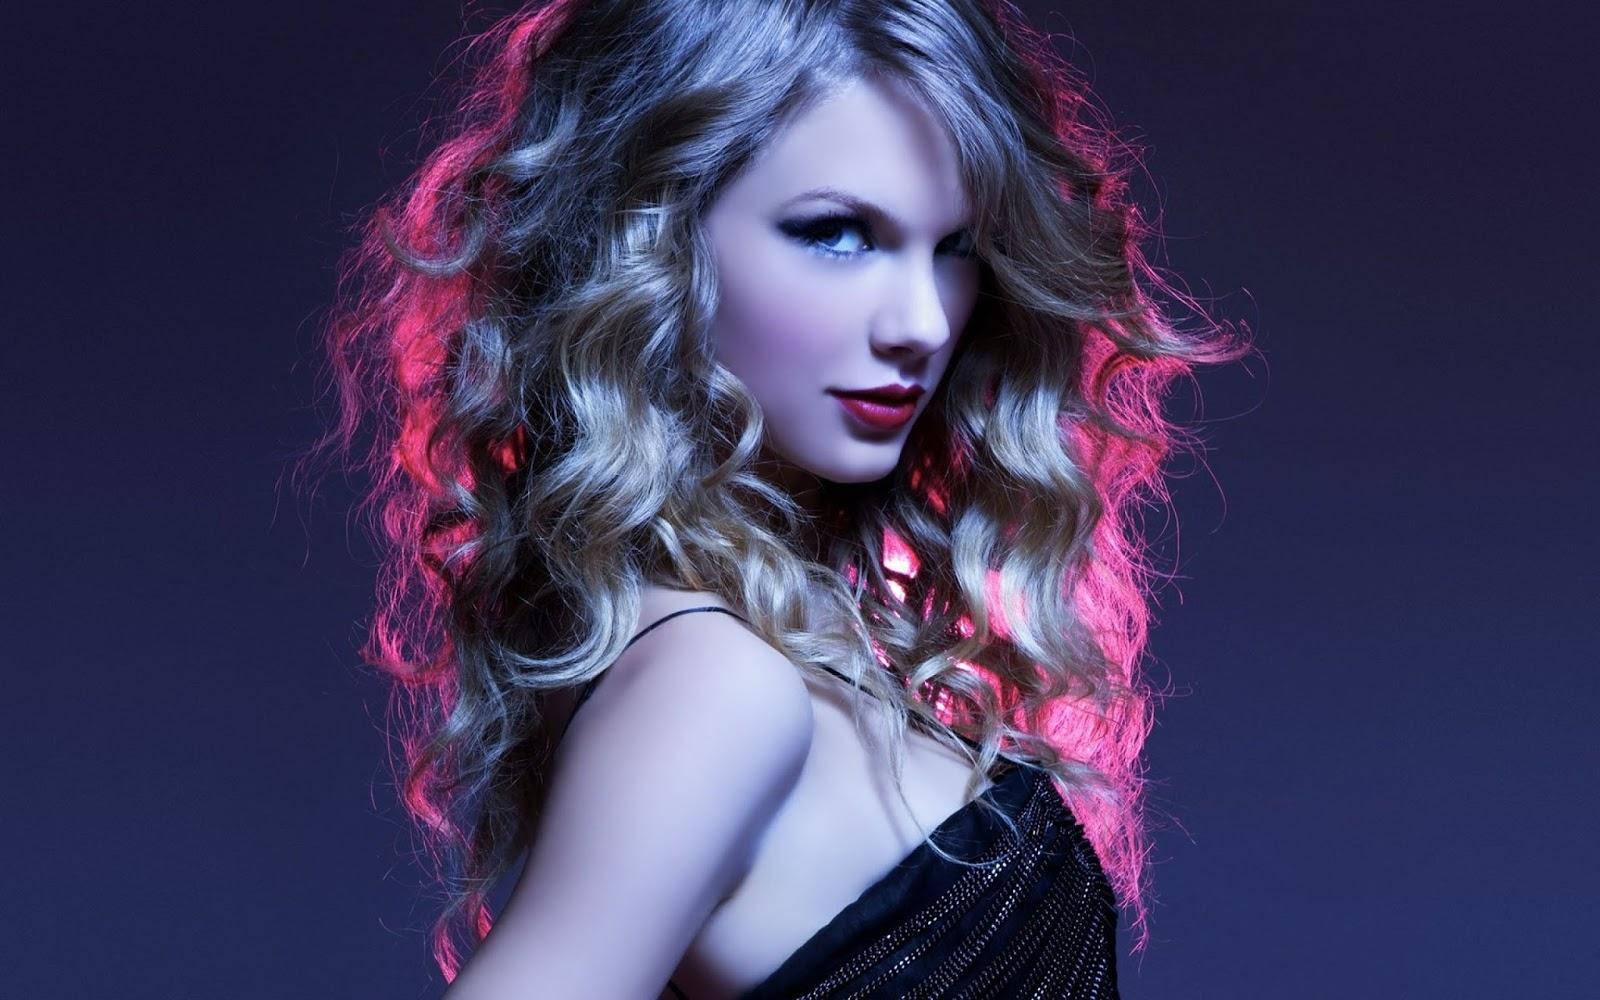 Taylor Swift Wide HD Wallpaper